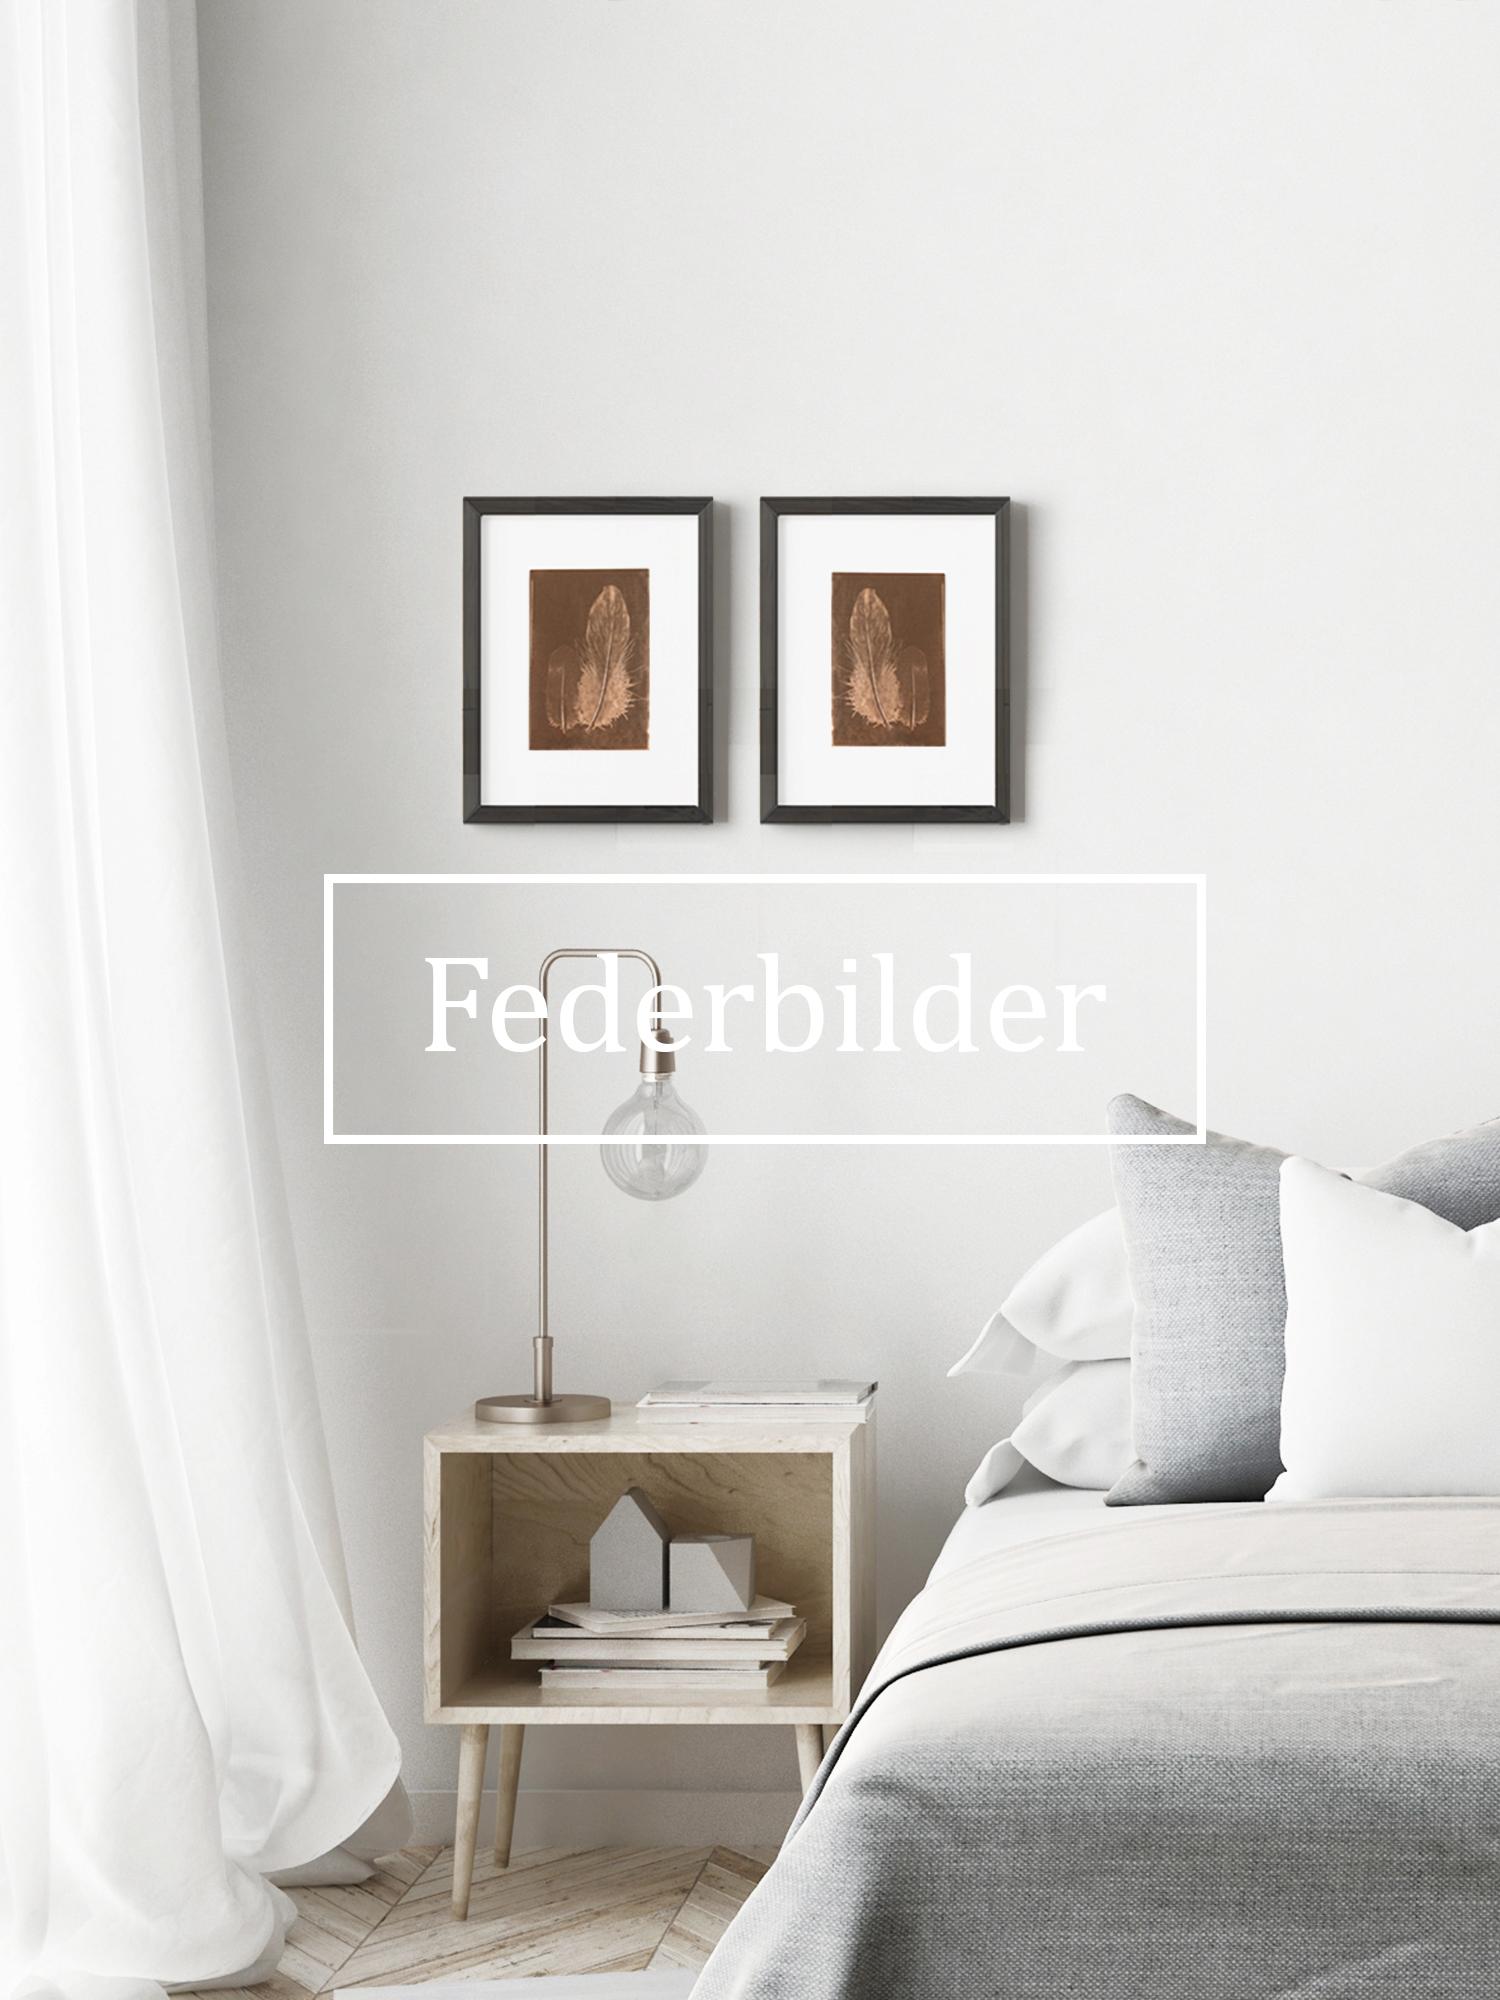 Christina-Pauls-Feder-Kupfer-Federbild-Paar.jpg